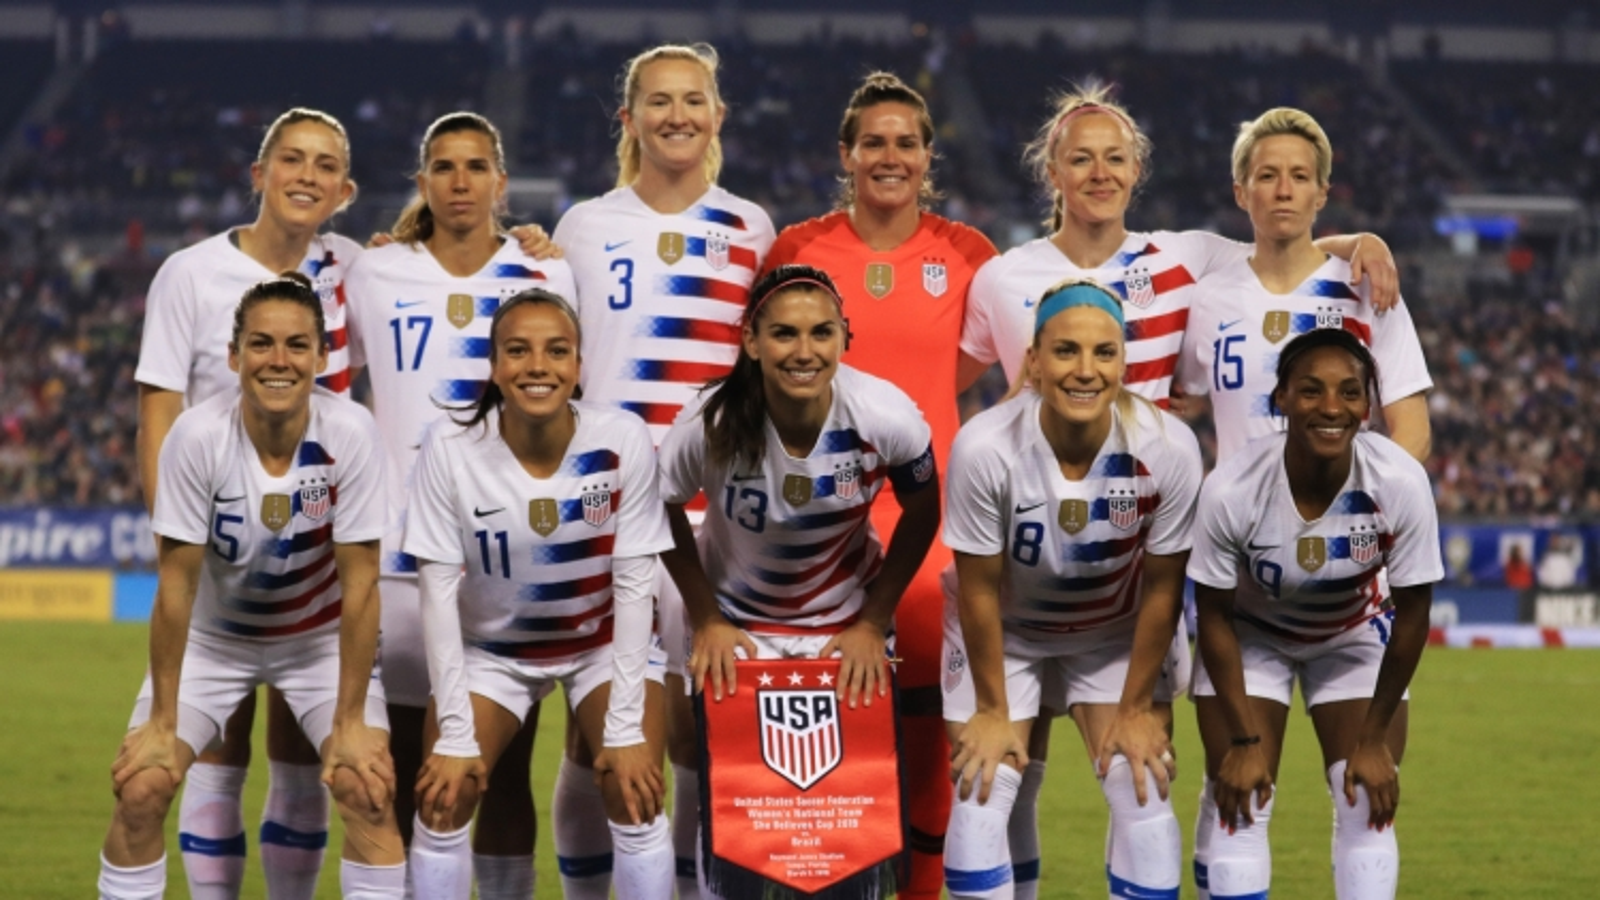 Điểm danh 12 đội bóng đá nữ dự Olympic Tokyo 2020